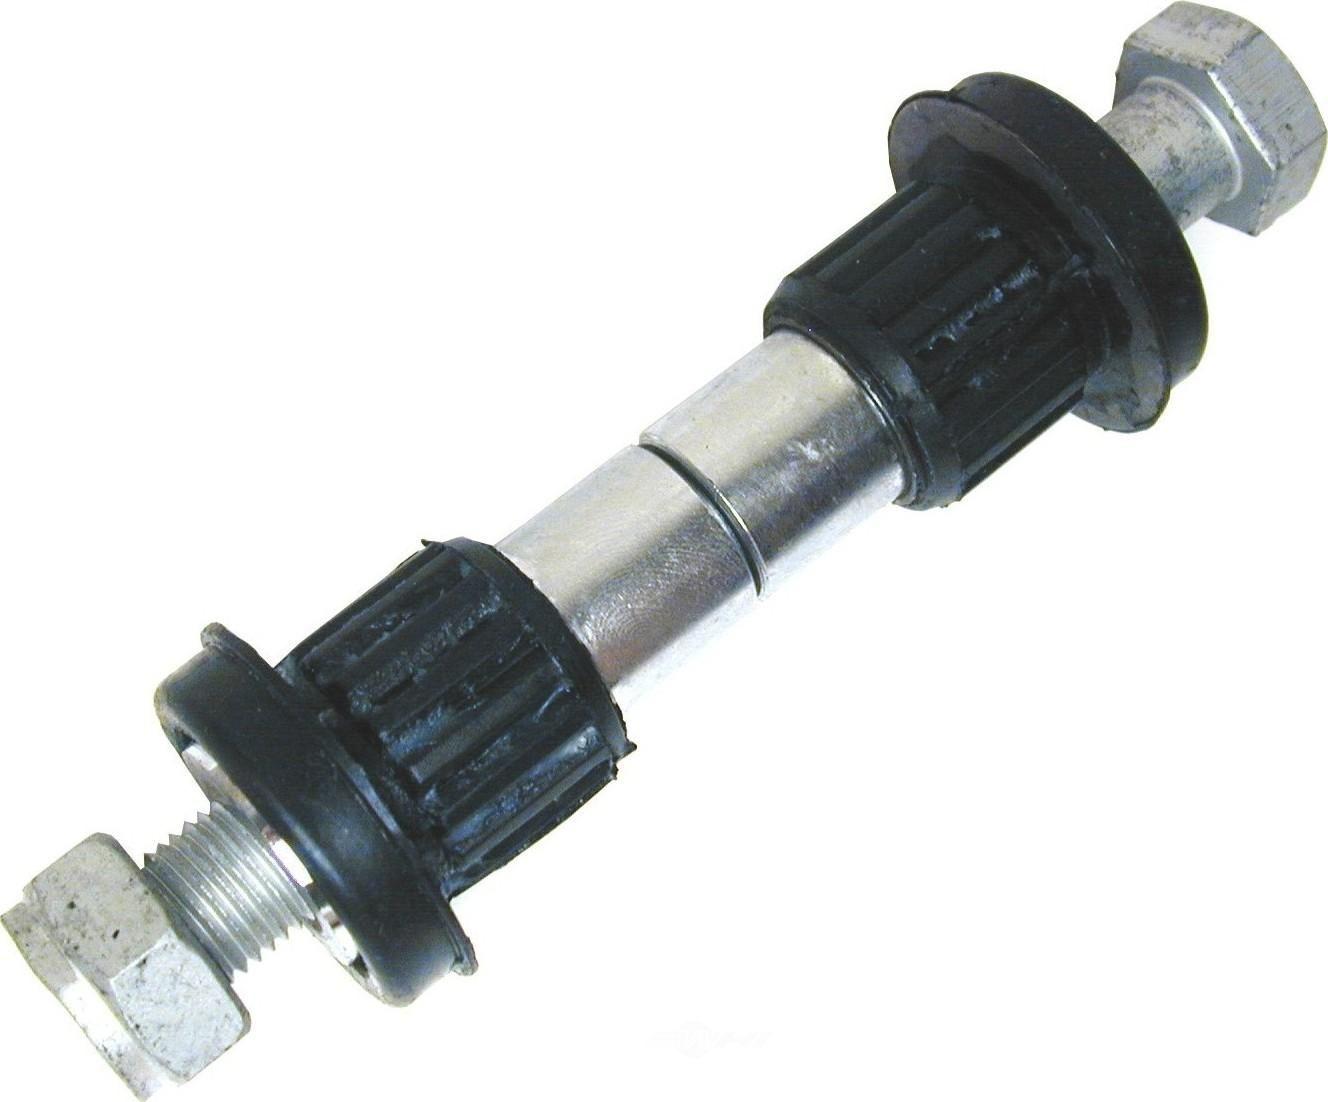 URO PARTS - Steering Idler Arm Repair Kit - URO 140 460 0819